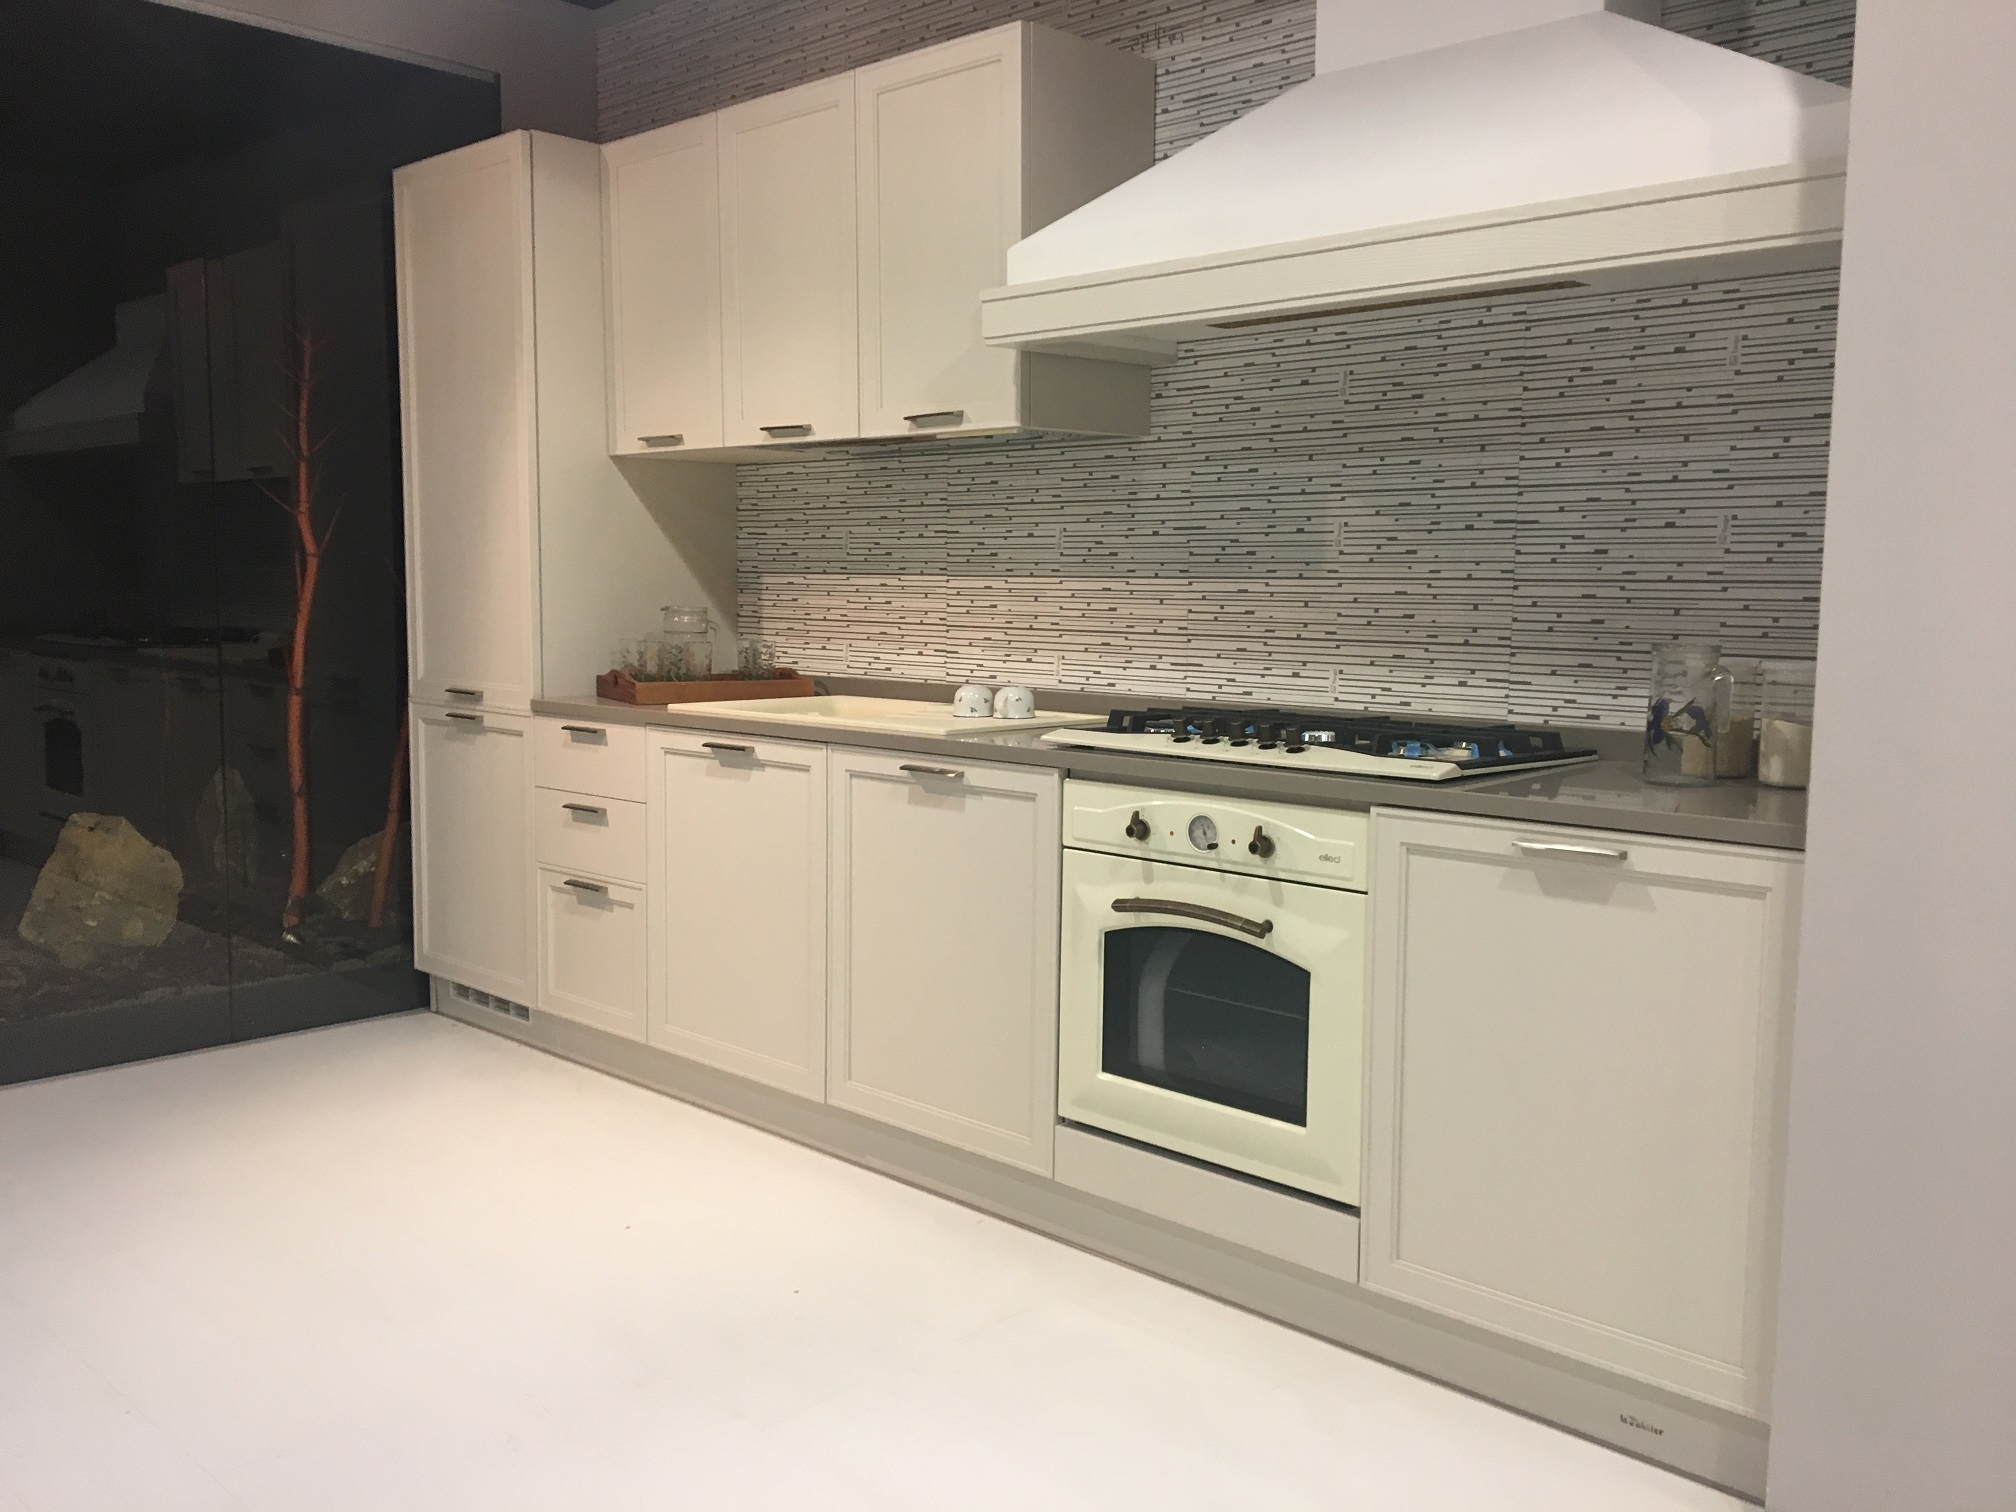 Le fablier cucina melograno moderne laccato bianca - Cucine le fablier ...